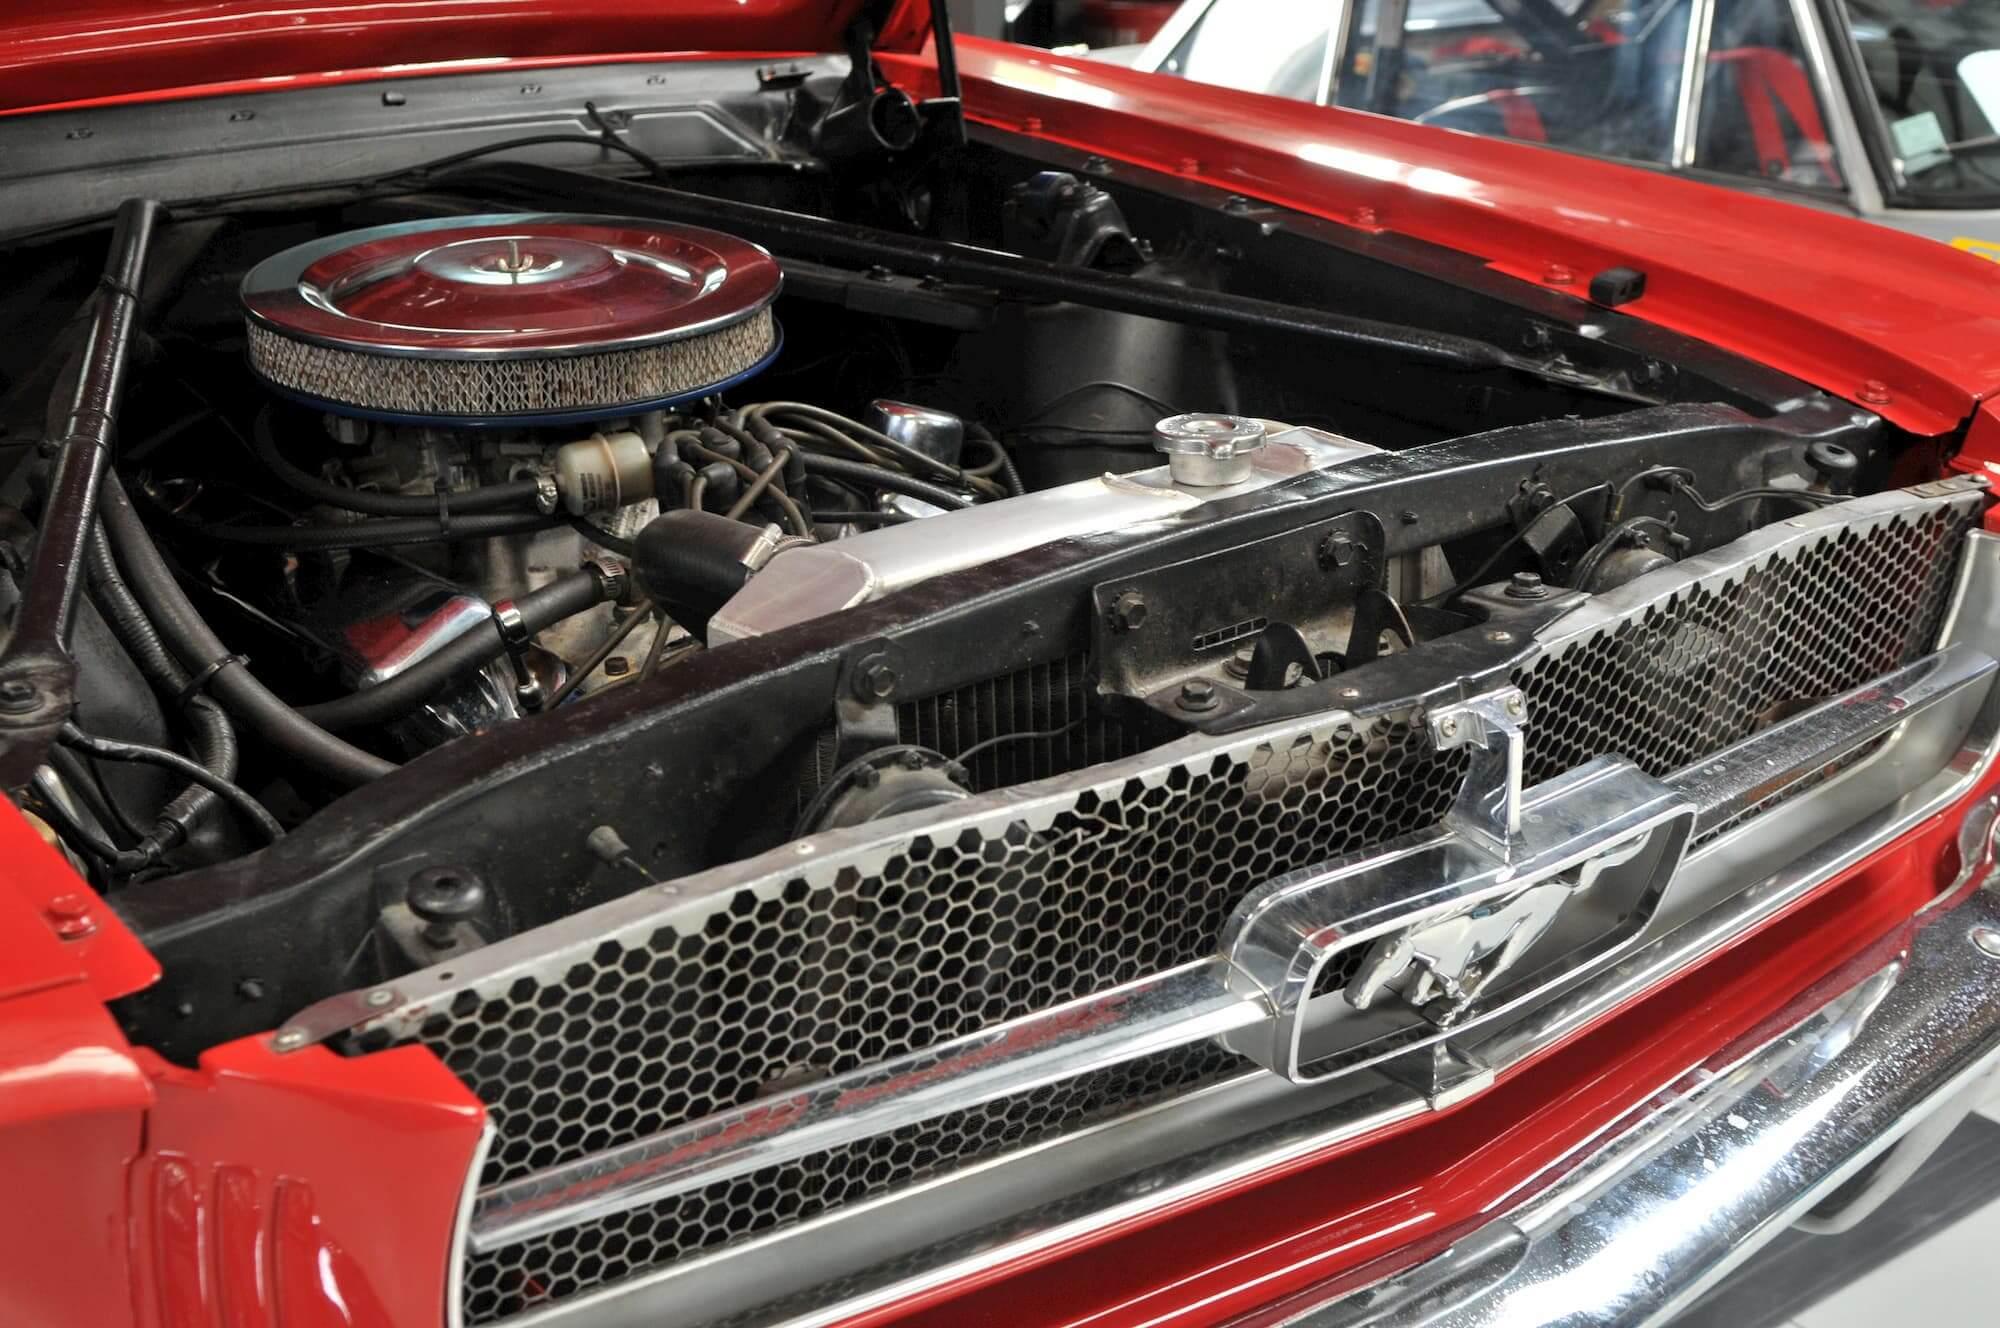 Moteur de la Ford Mustang - restauration de voiture américaine ancienne